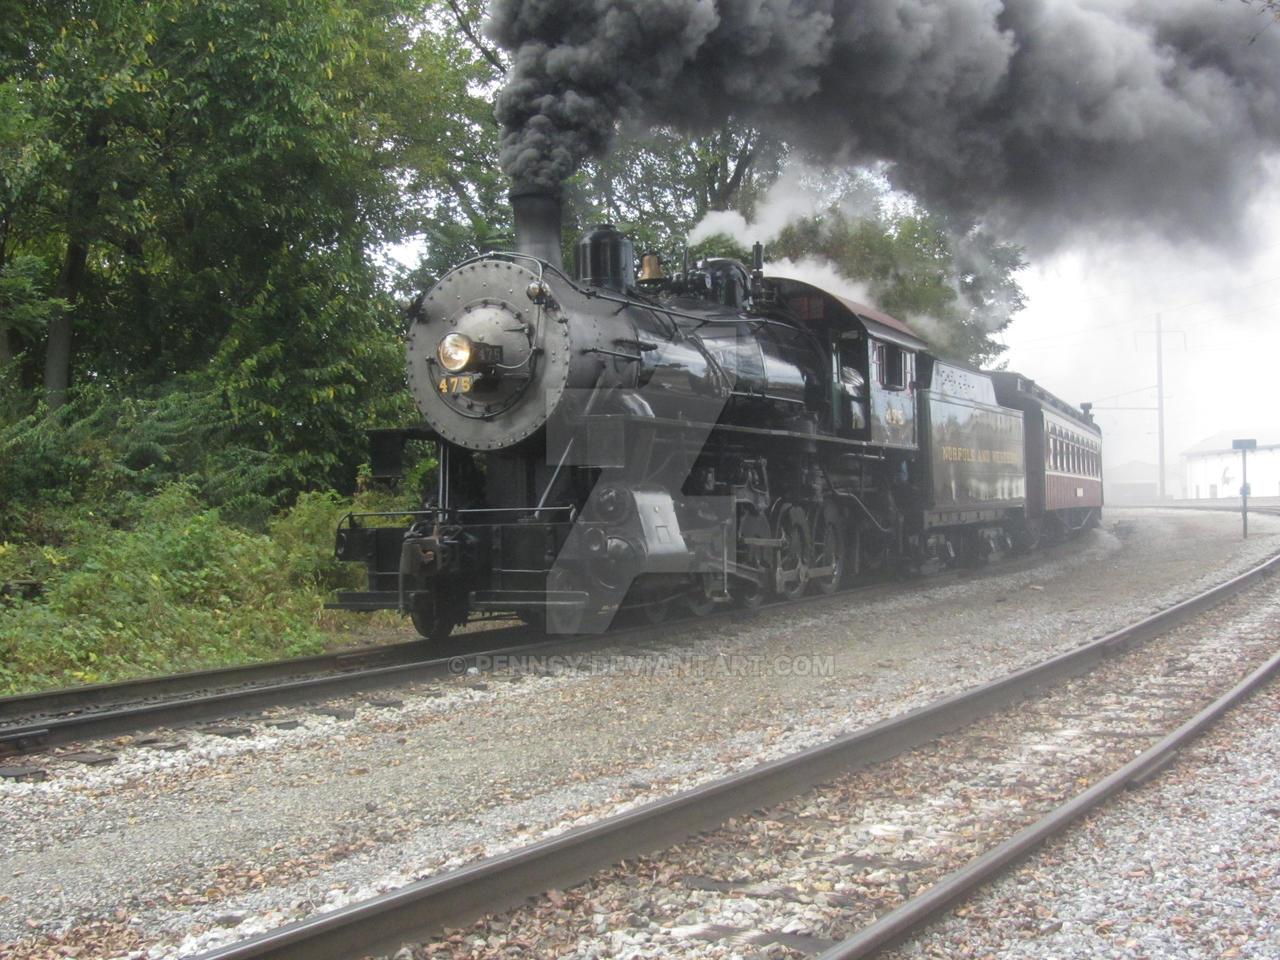 A smokey departure